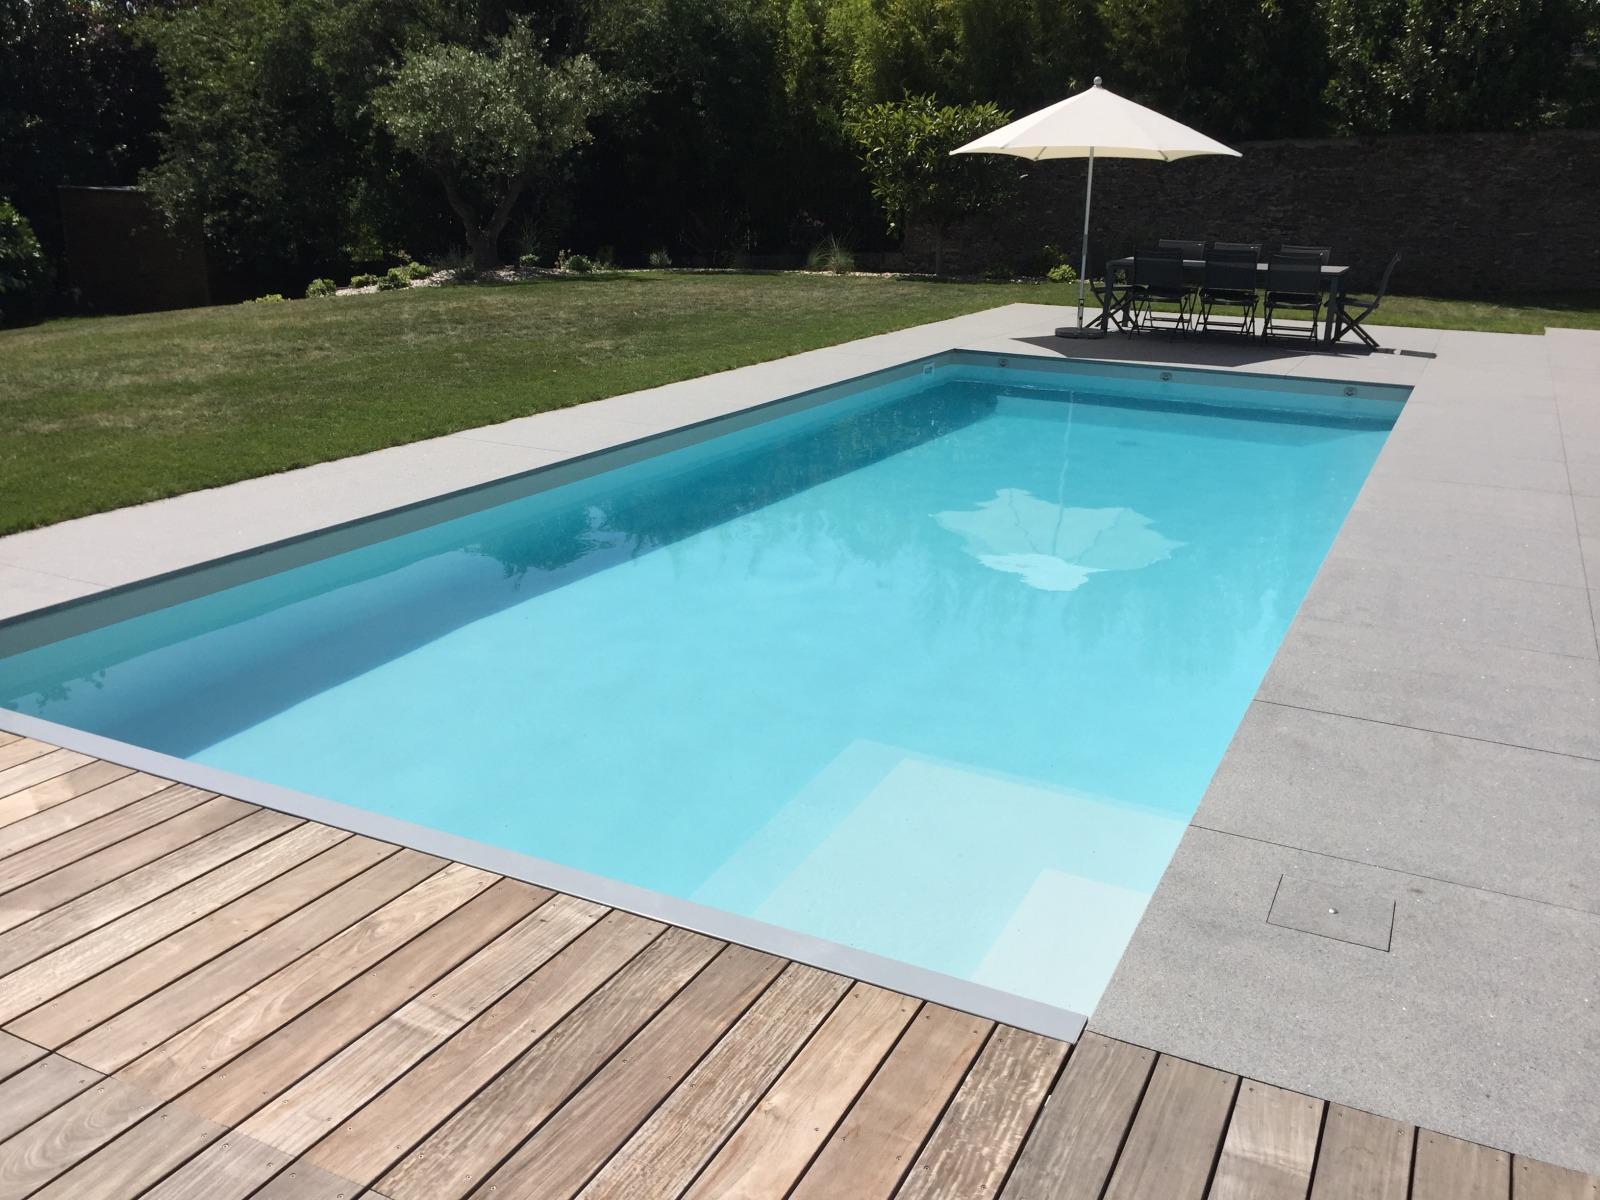 Piscines vinet r alisations de piscines sur mesure et for Construction piscine nantes